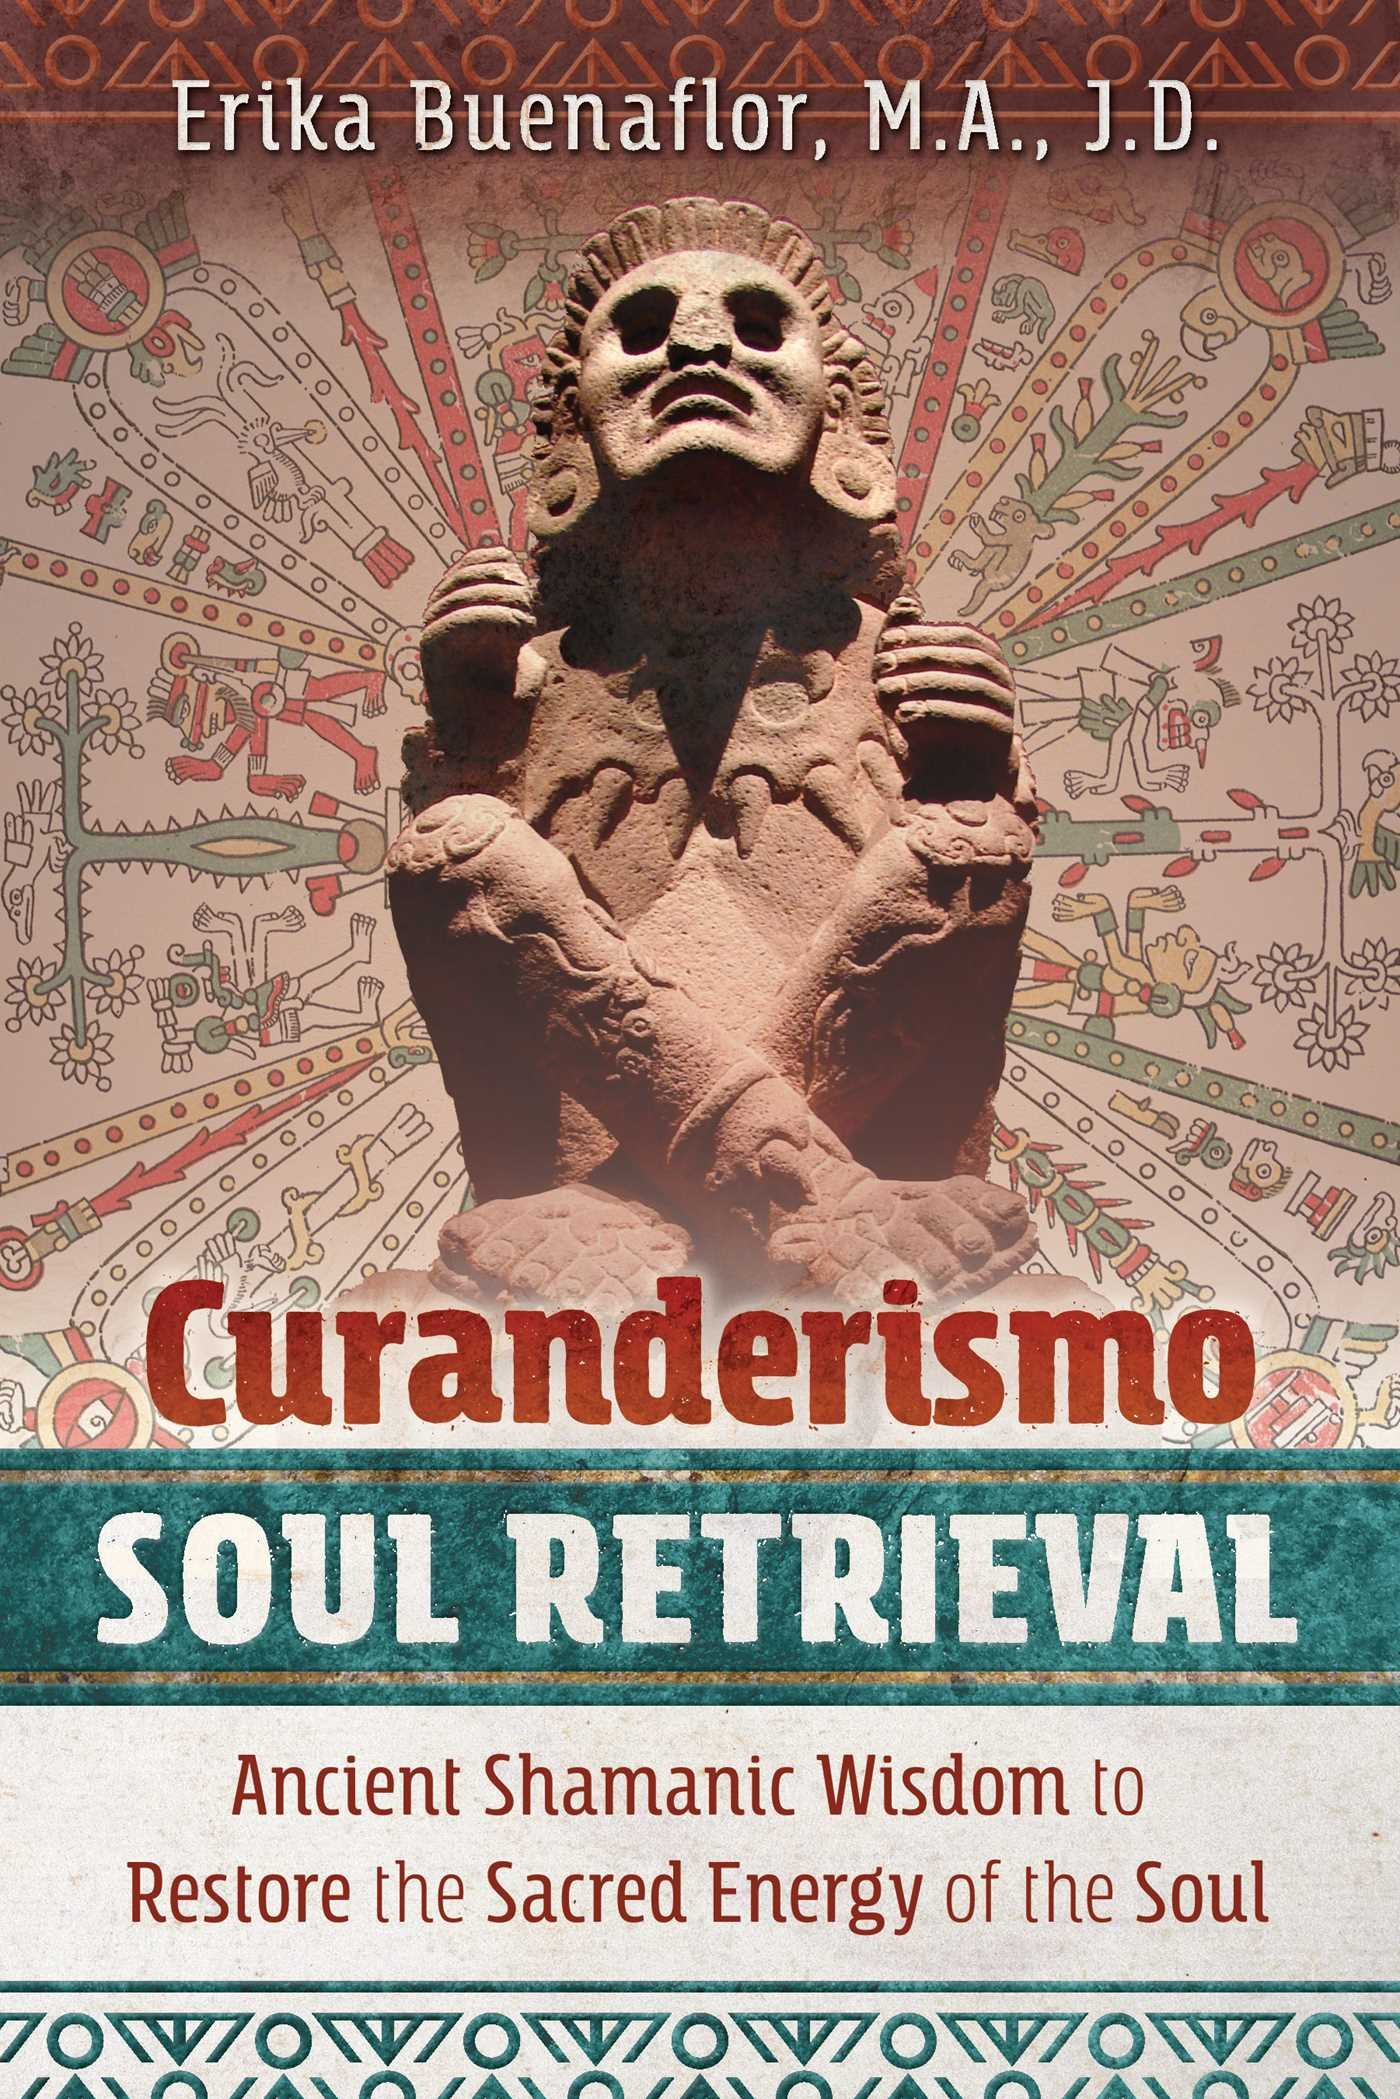 Curanderismo Soul Retrieval: Ancient Shamanic Wisdom to